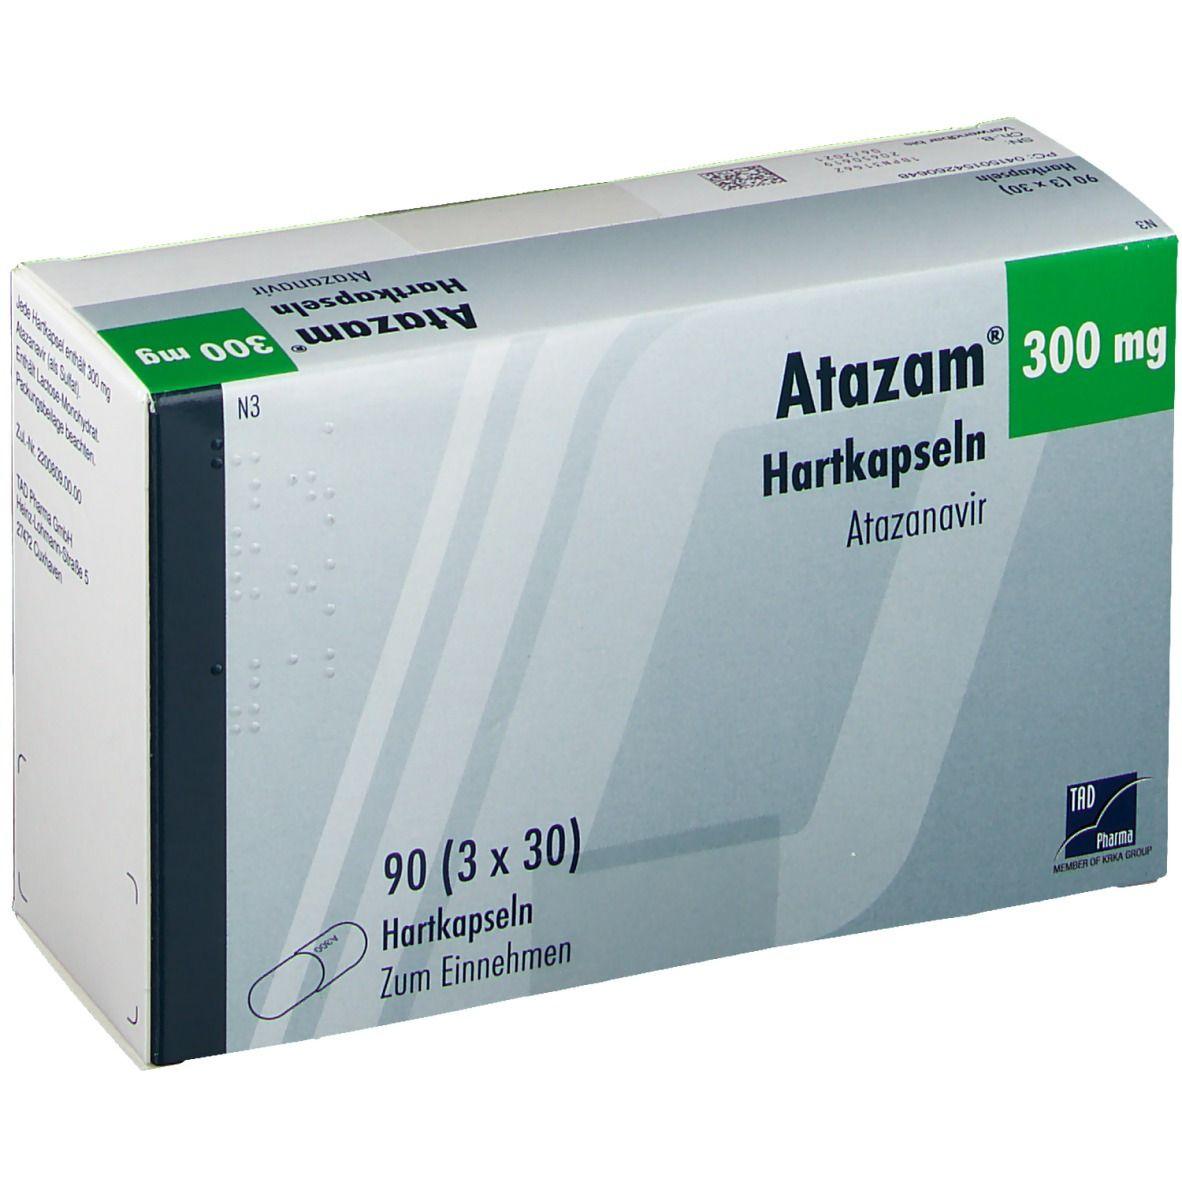 ATAZAM 300 mg Hartkapseln